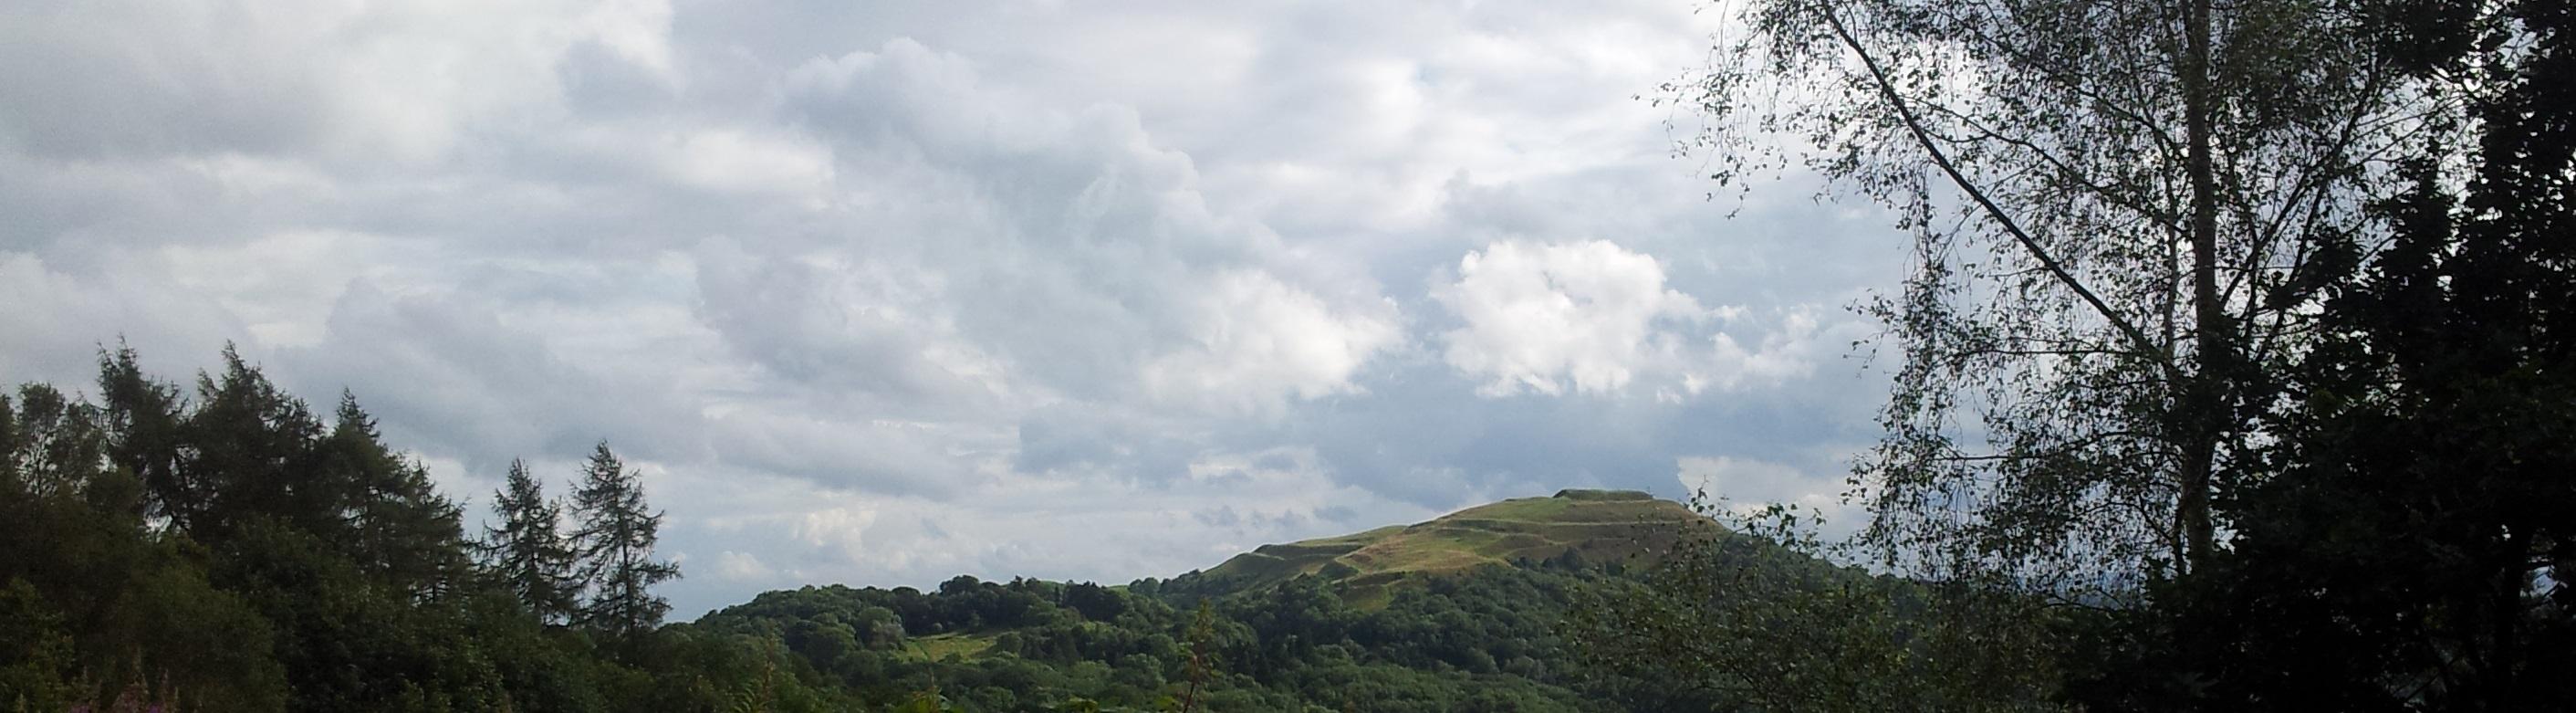 June Country Walk